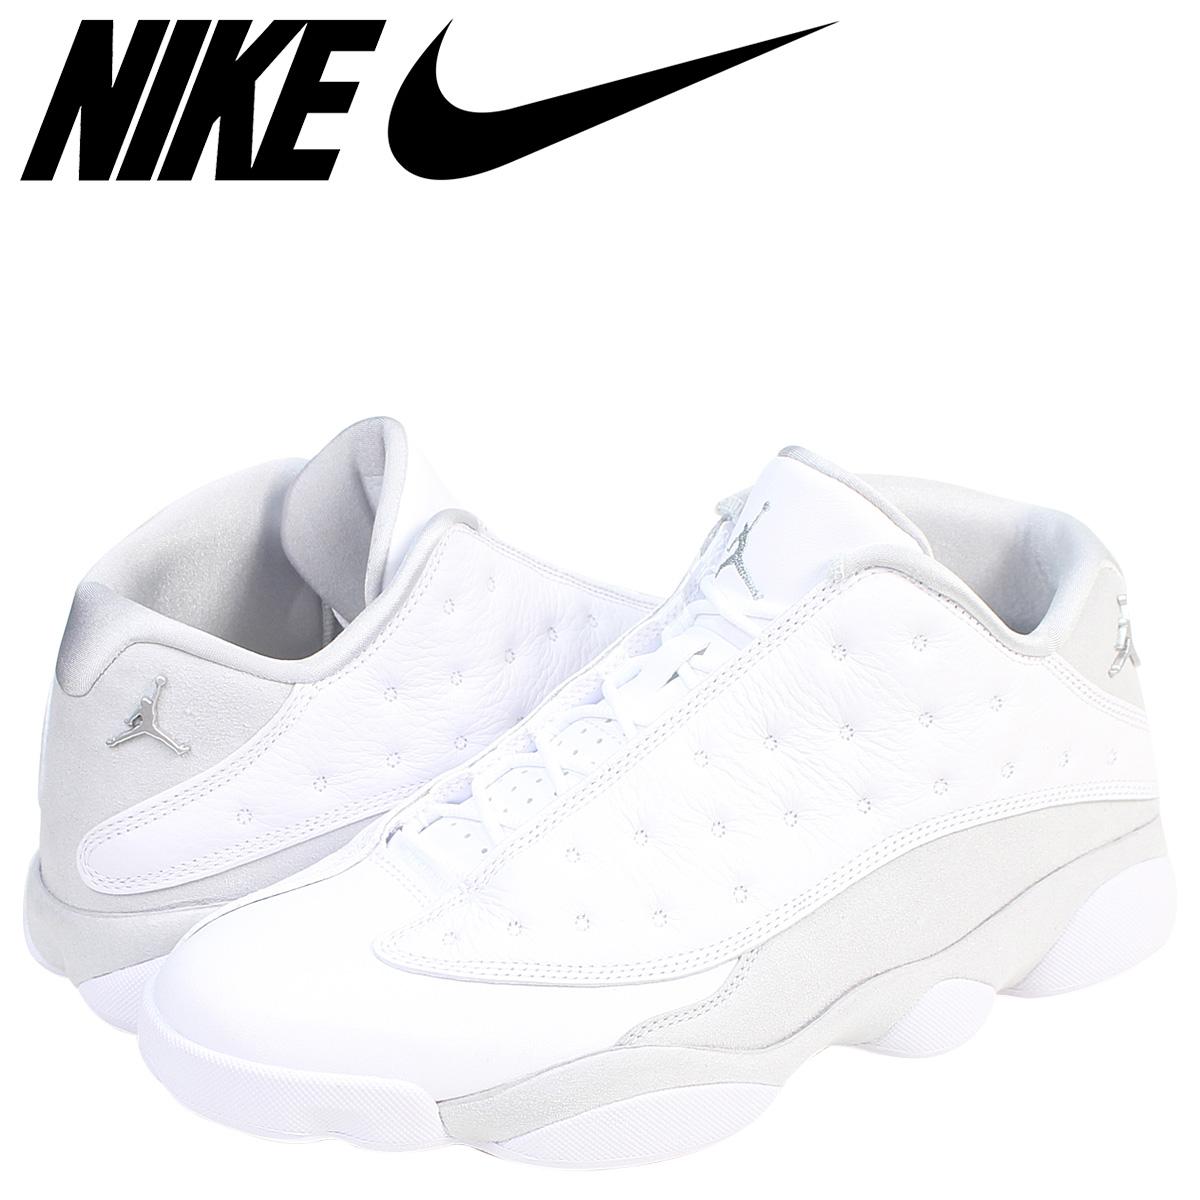 ea4407e42768 NIKE Nike Air Jordan 13 nostalgic low sneakers AIR JORDAN 13 RETRO LOW PURE  MONEY 310,810 ...